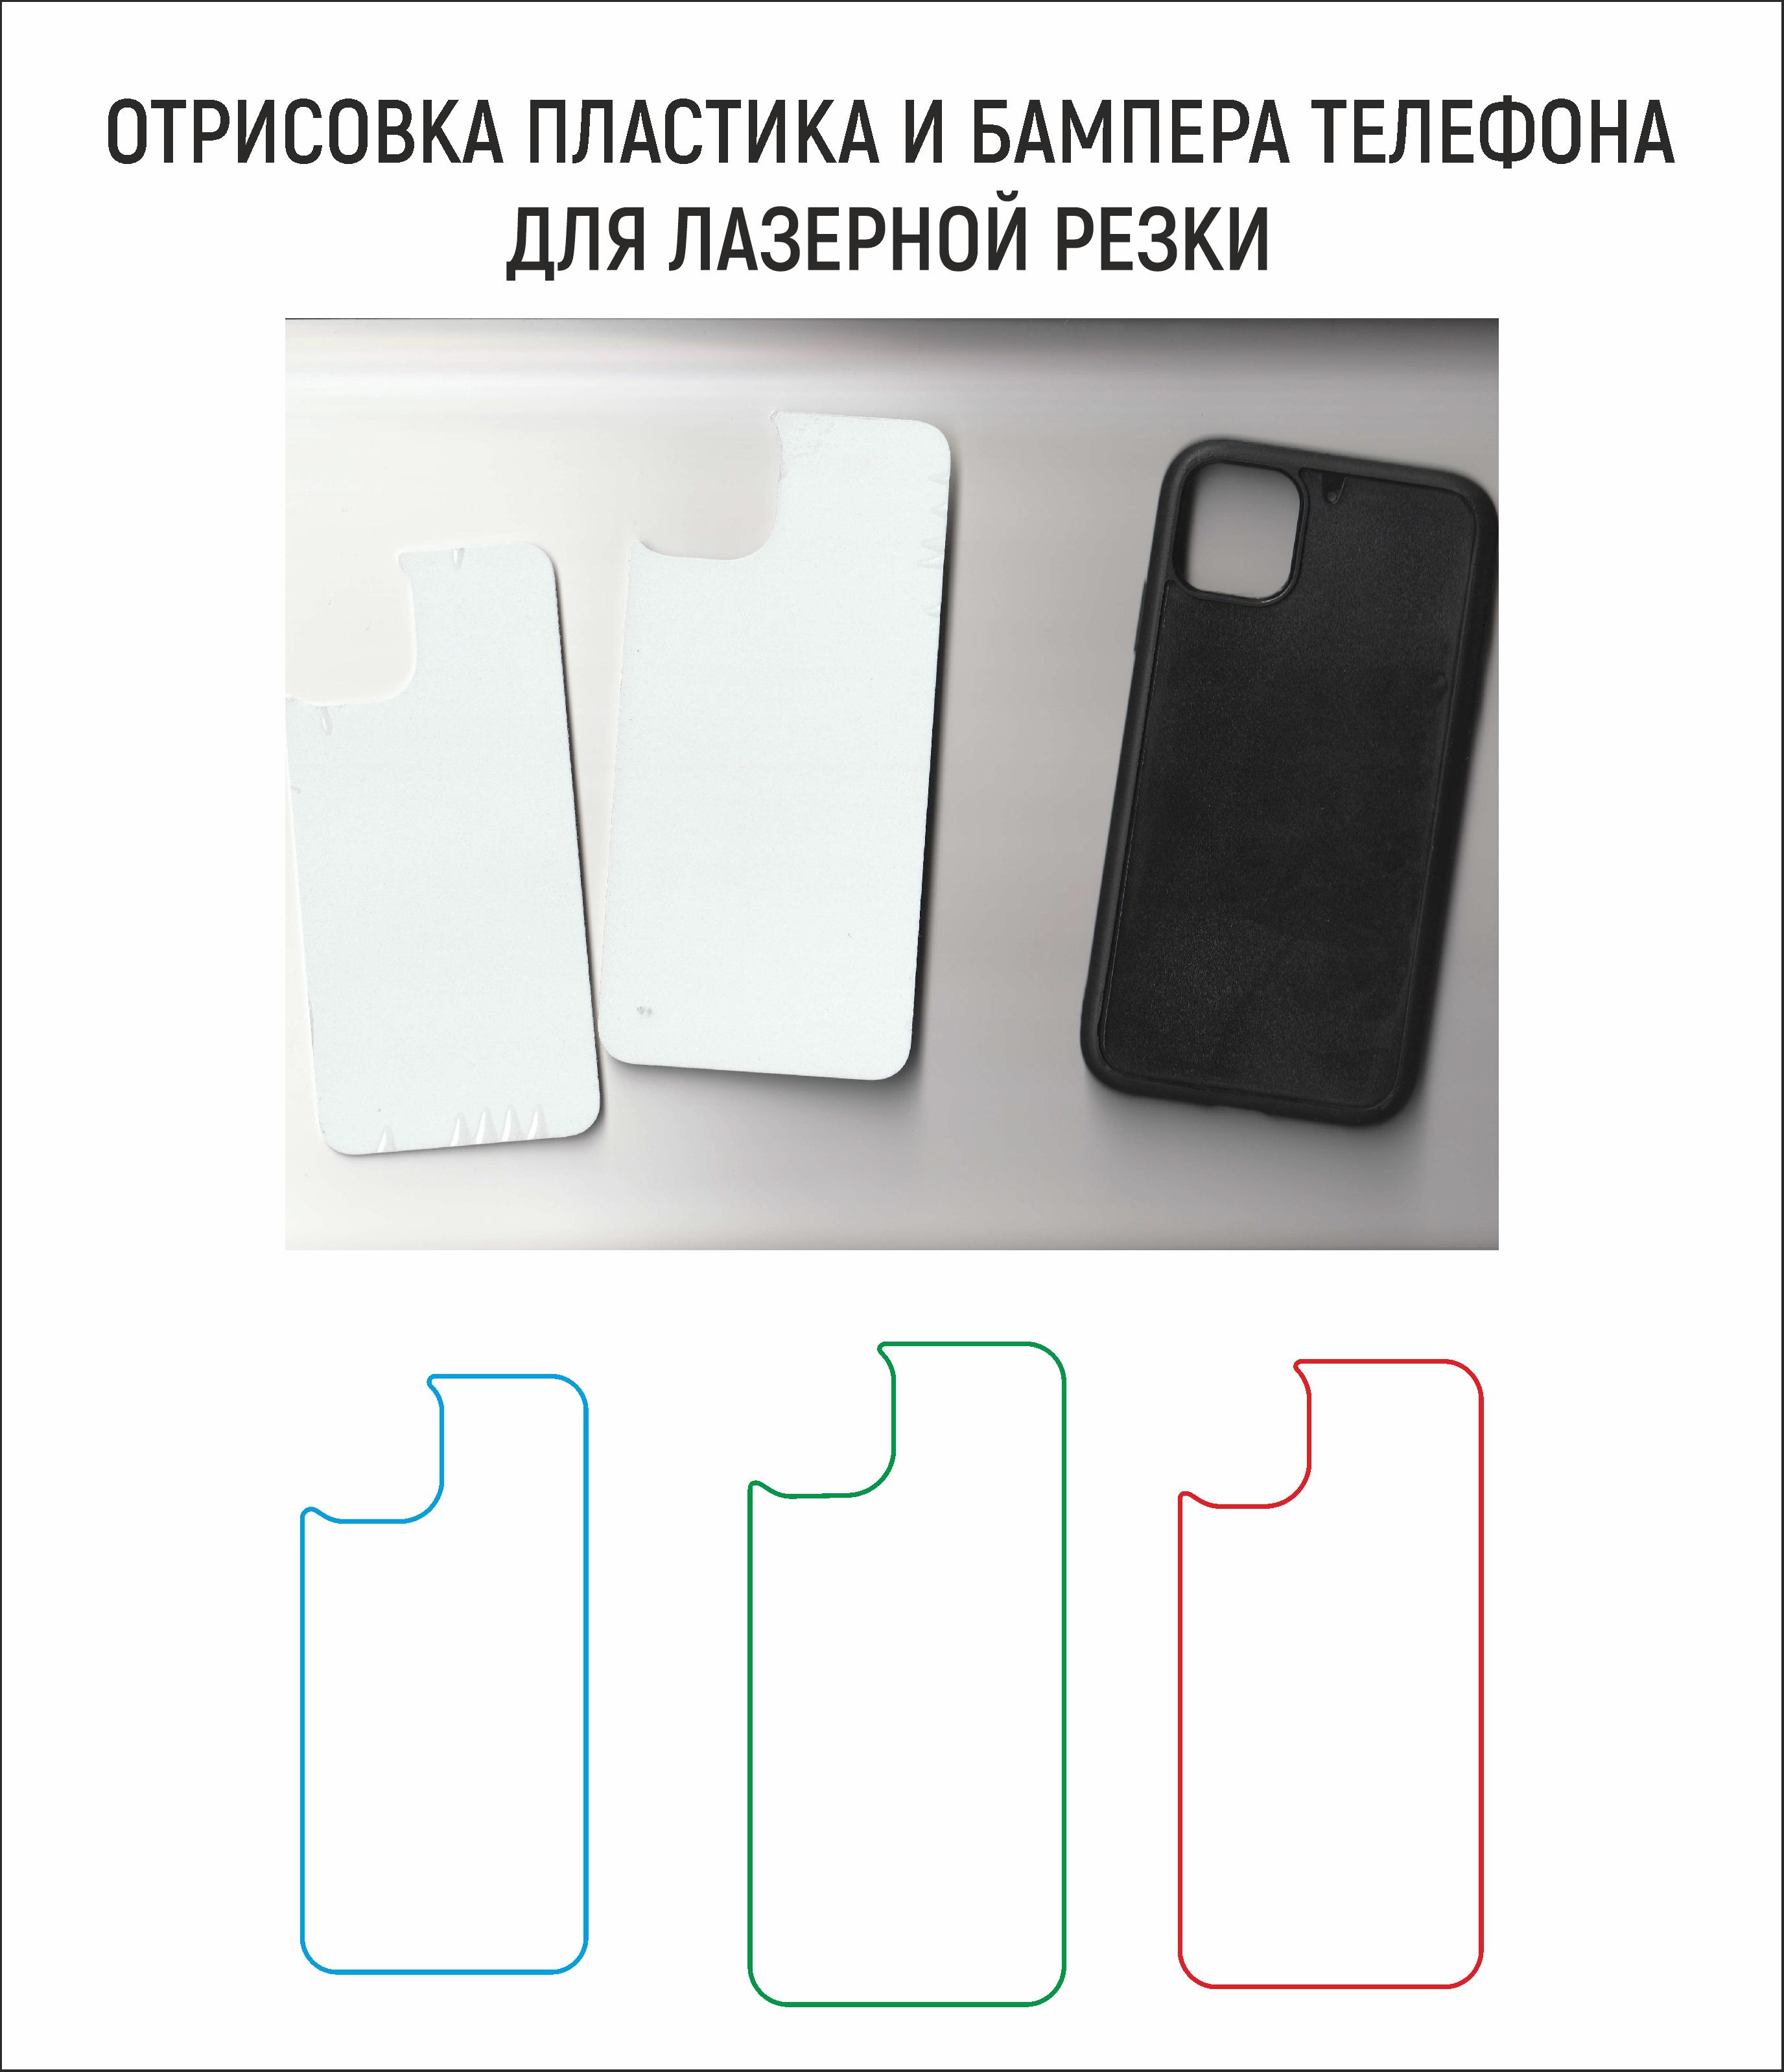 Отрисовка в вектор пластика и бампера для телефона ДЛЯ ЛАЗЕРНОЙ РЕЗКИ